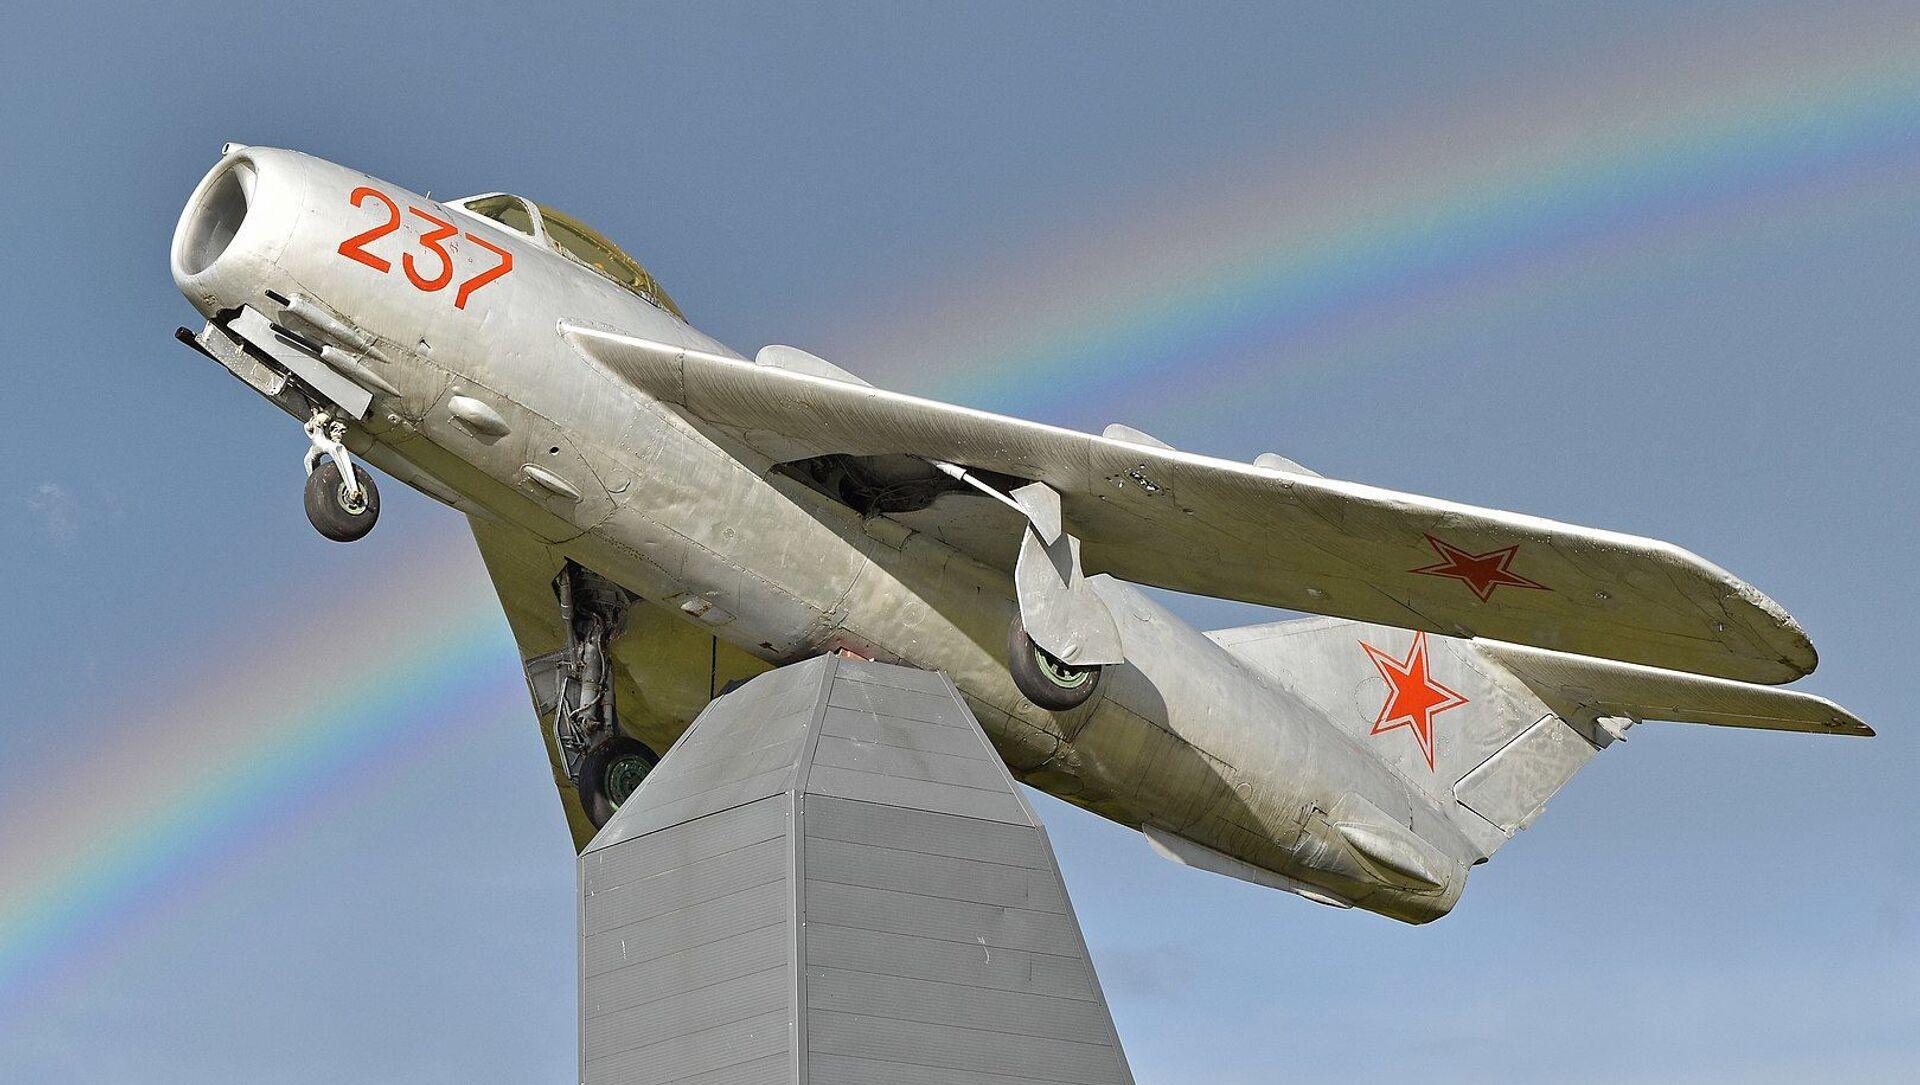 Máy bay chiến đấu MIG-17PF của Liên Xô  - Sputnik Việt Nam, 1920, 06.09.2021